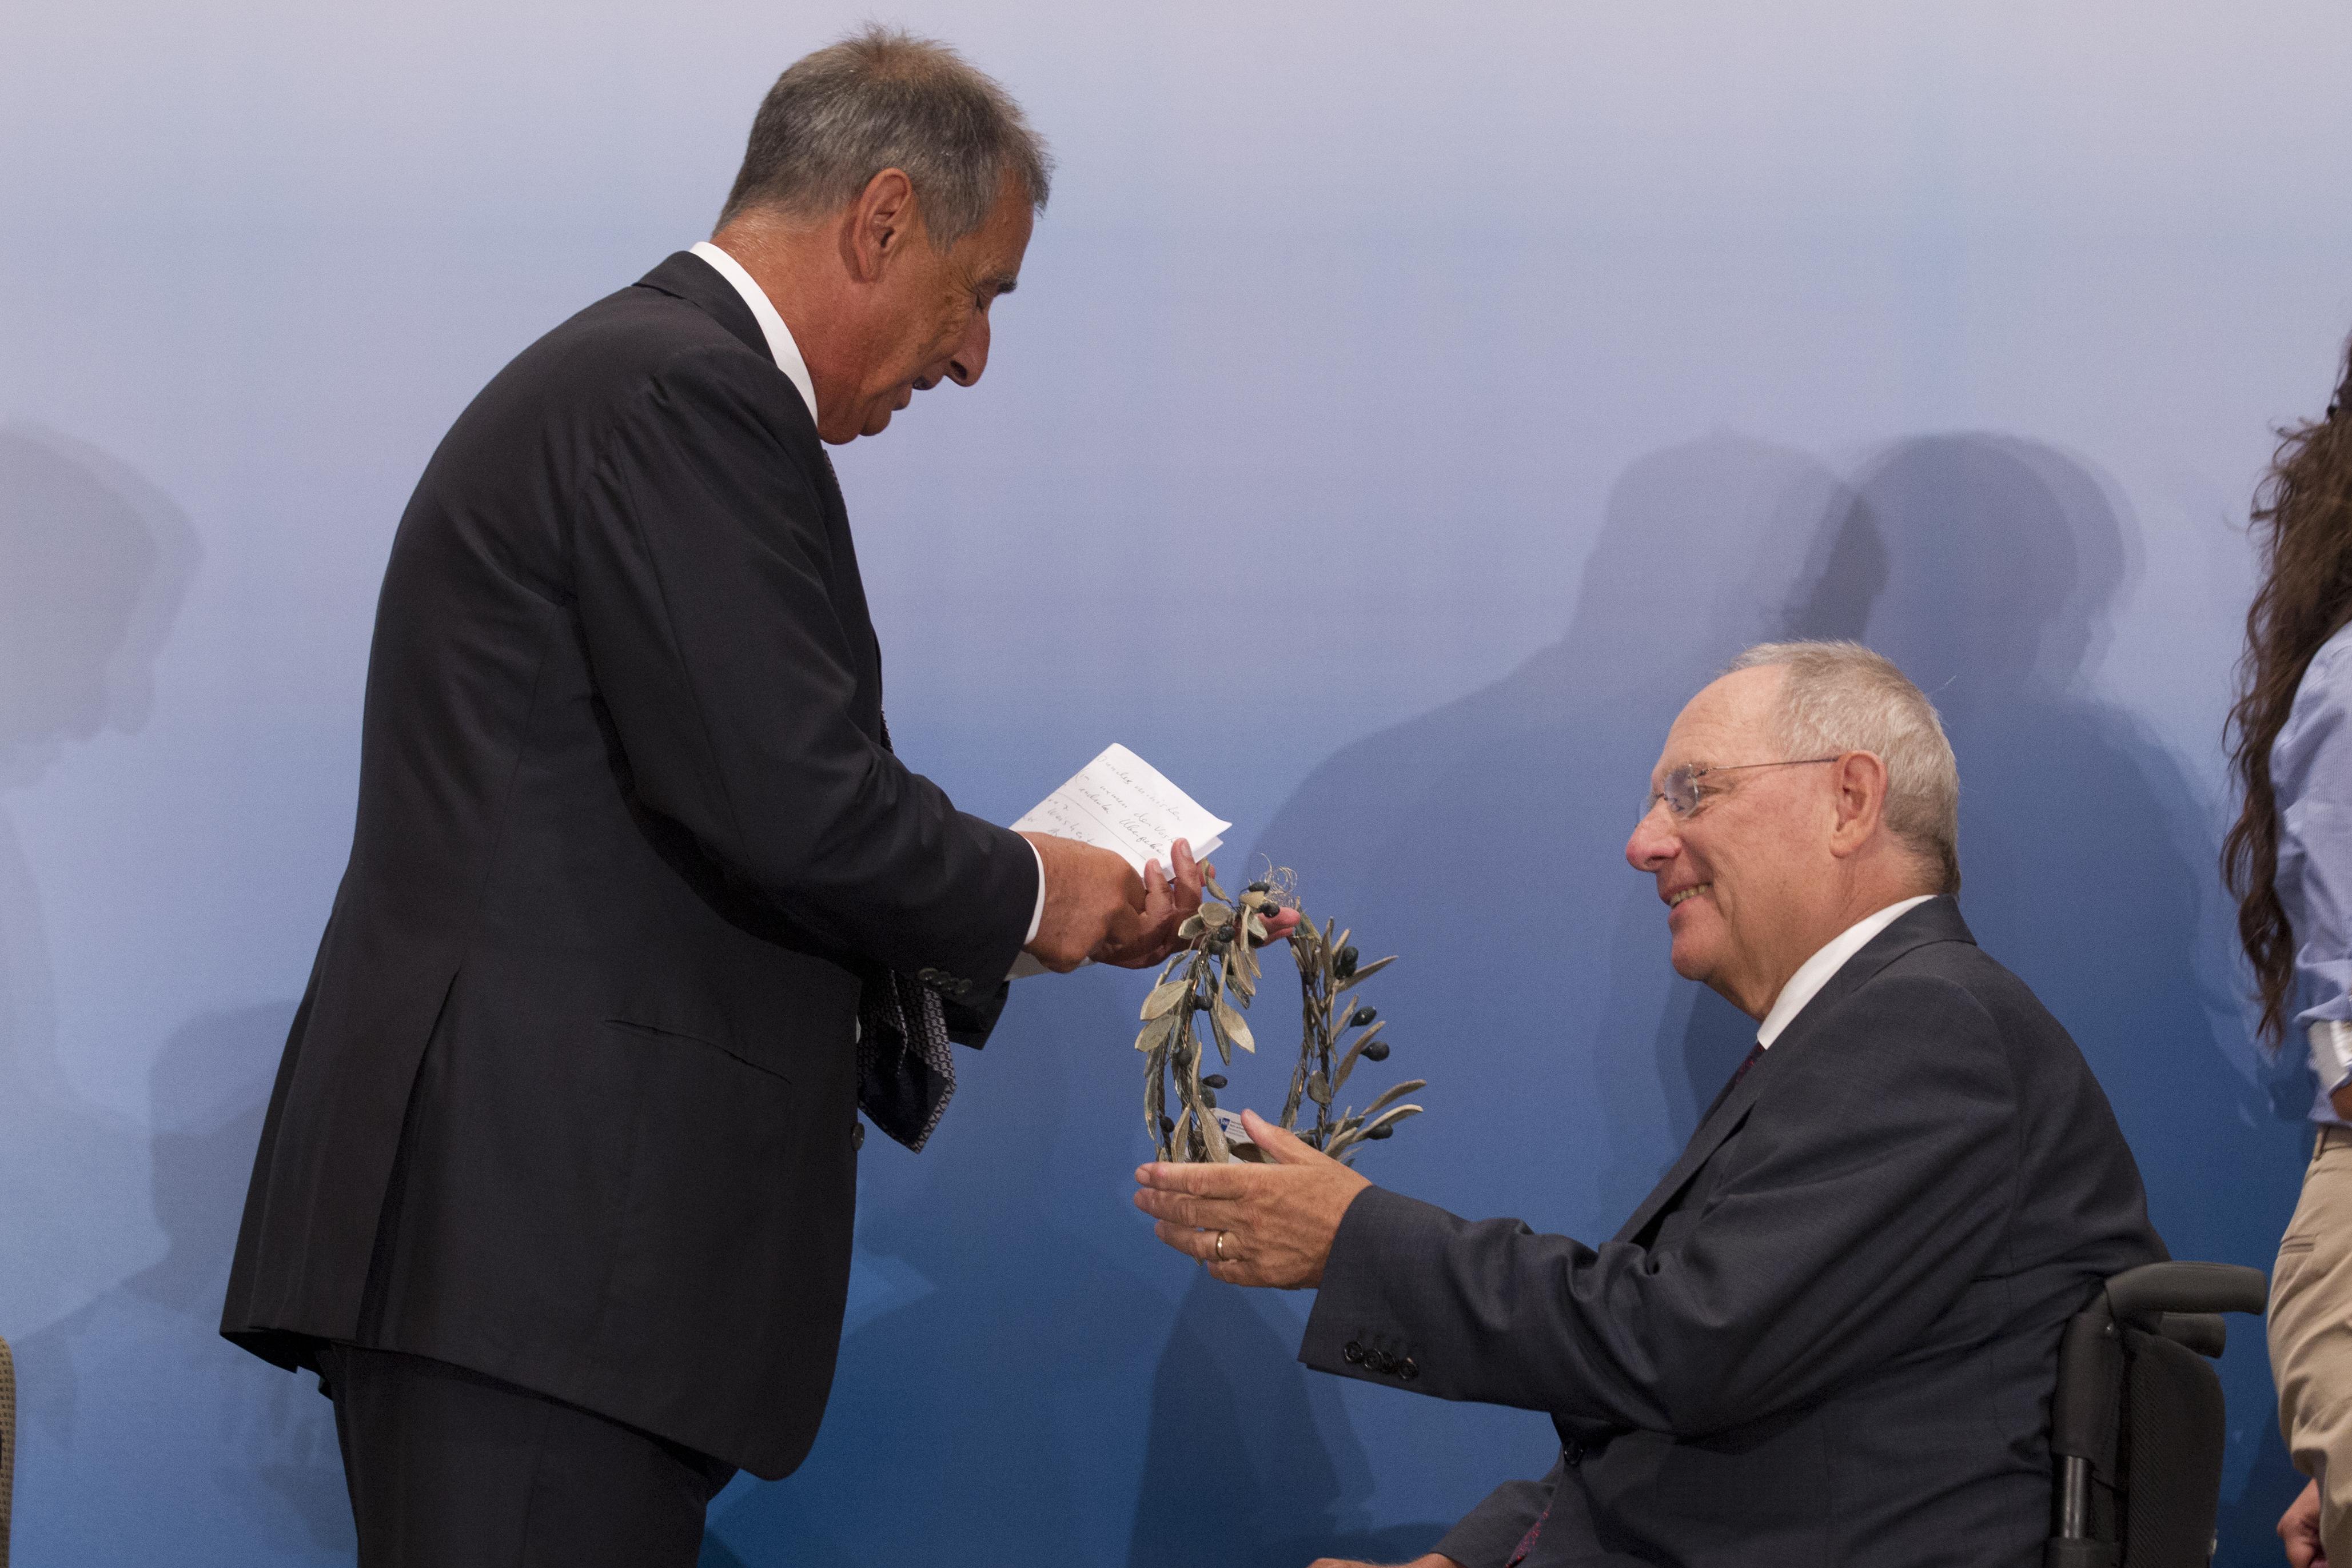 Veranstaltung der AHK Griechenland mit dem Bundesfinanzminister Dr. Wolfgang Schäuble am 18.7.2013 in Athen